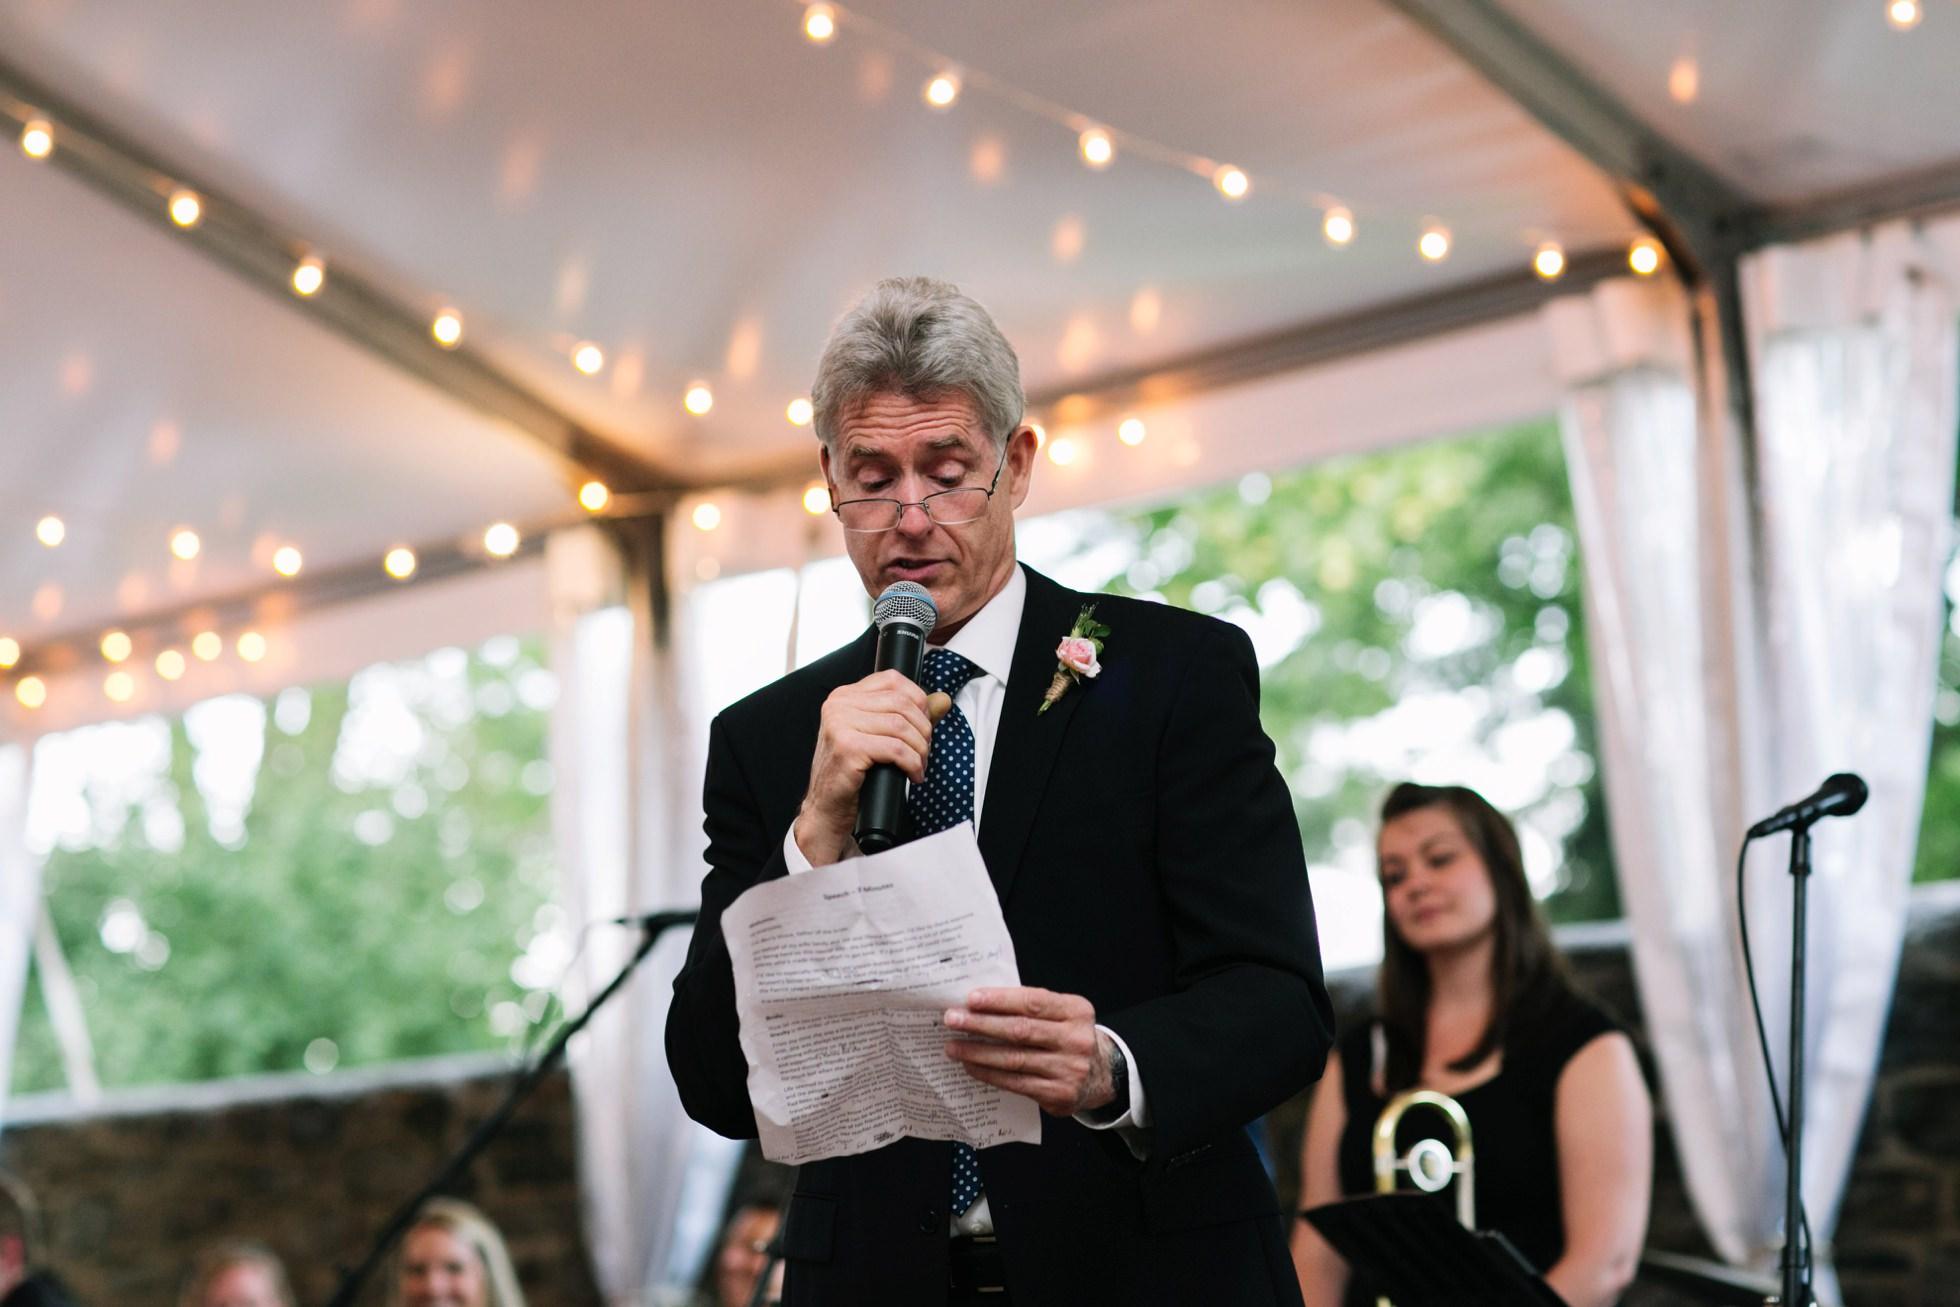 Romantic Bartram's Garden Outdoor Summer Wedding, Philadelphia | brittneyraine.com 087